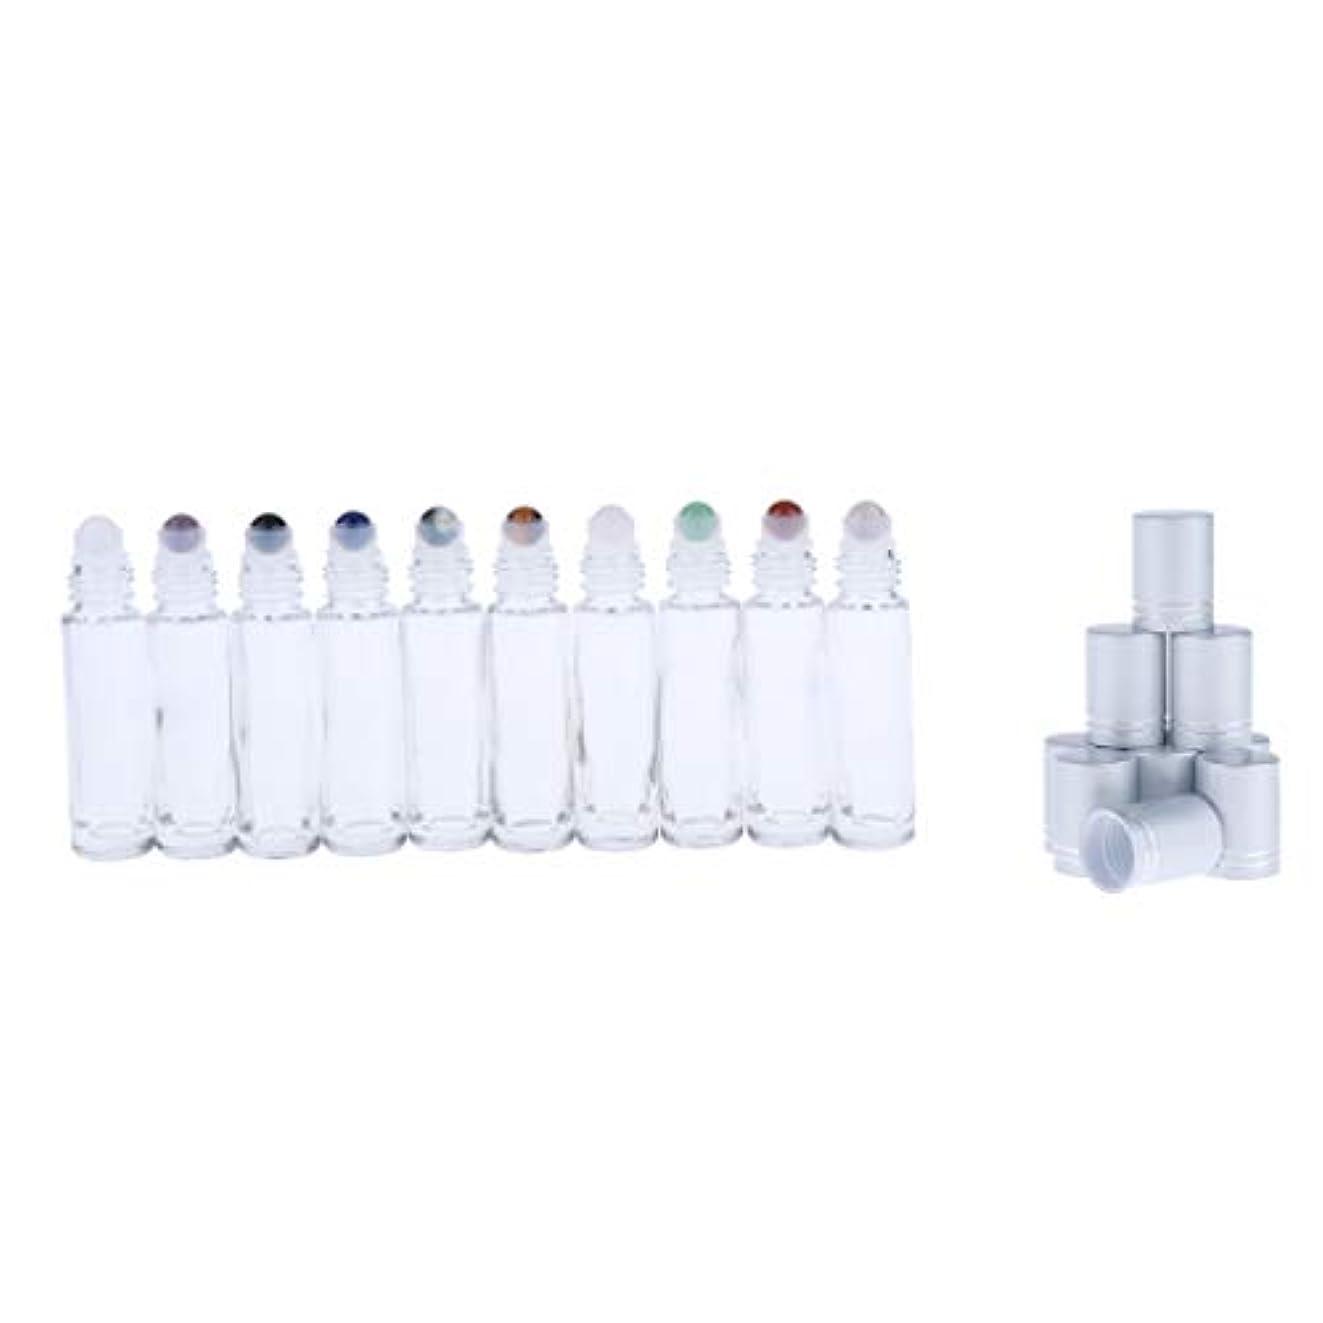 消化たくさんの果てしないsharprepublic 10個 ロールオンボトル ガラスボトル 精油 香水やアロマの保存 詰替え 小分け用 10ml